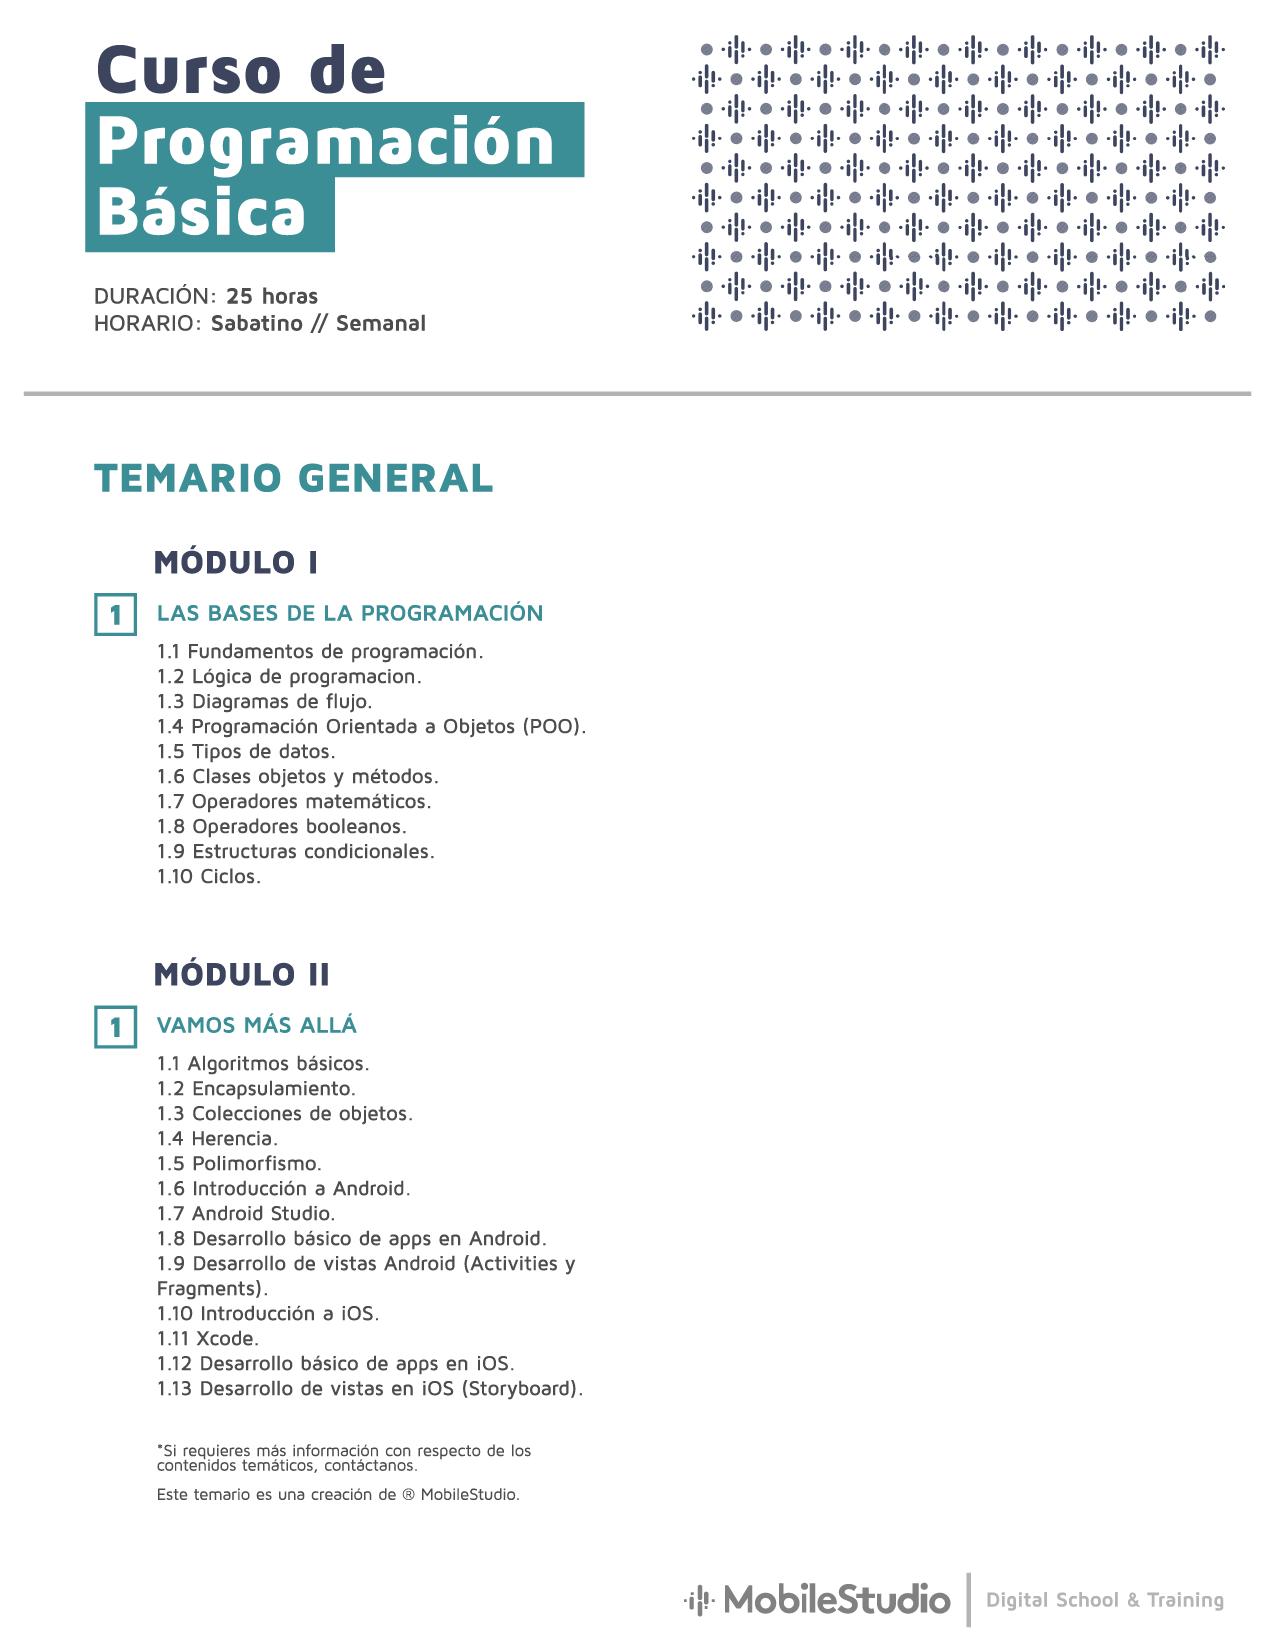 Temario curso de programación básica